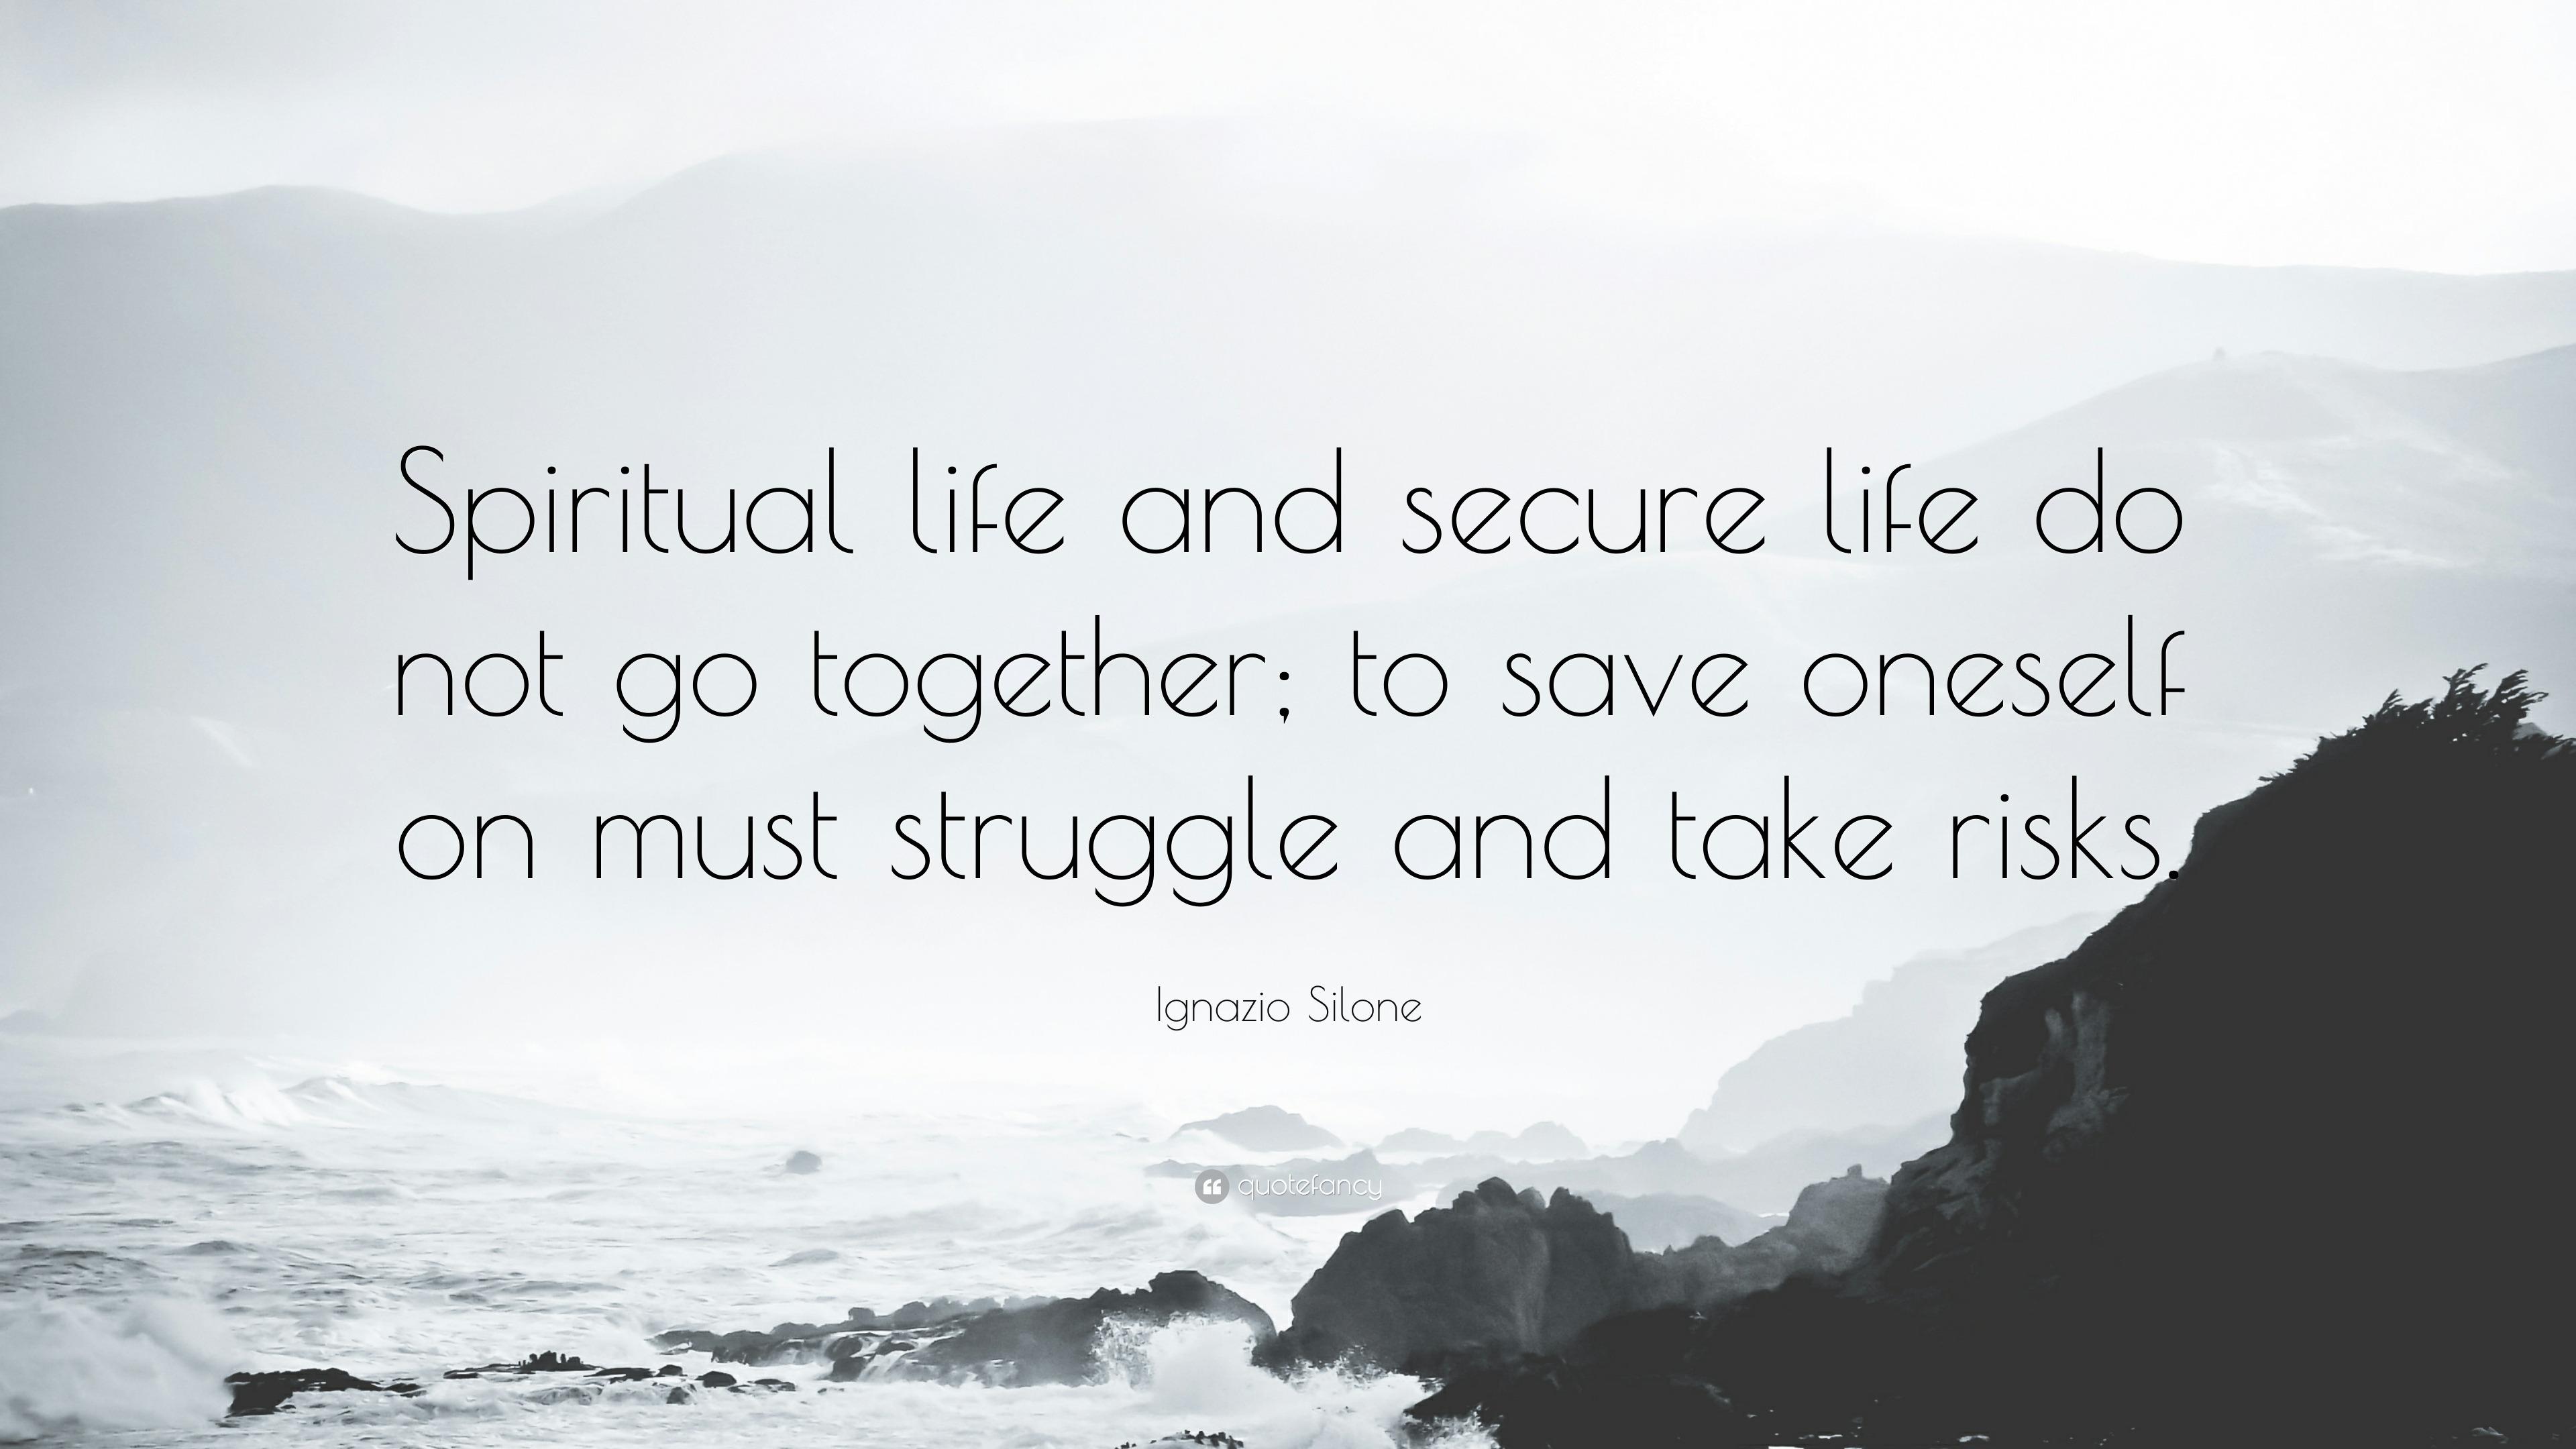 Spiritual Life Quotes Ignazio Silone Quotes 14 Wallpapers  Quotefancy